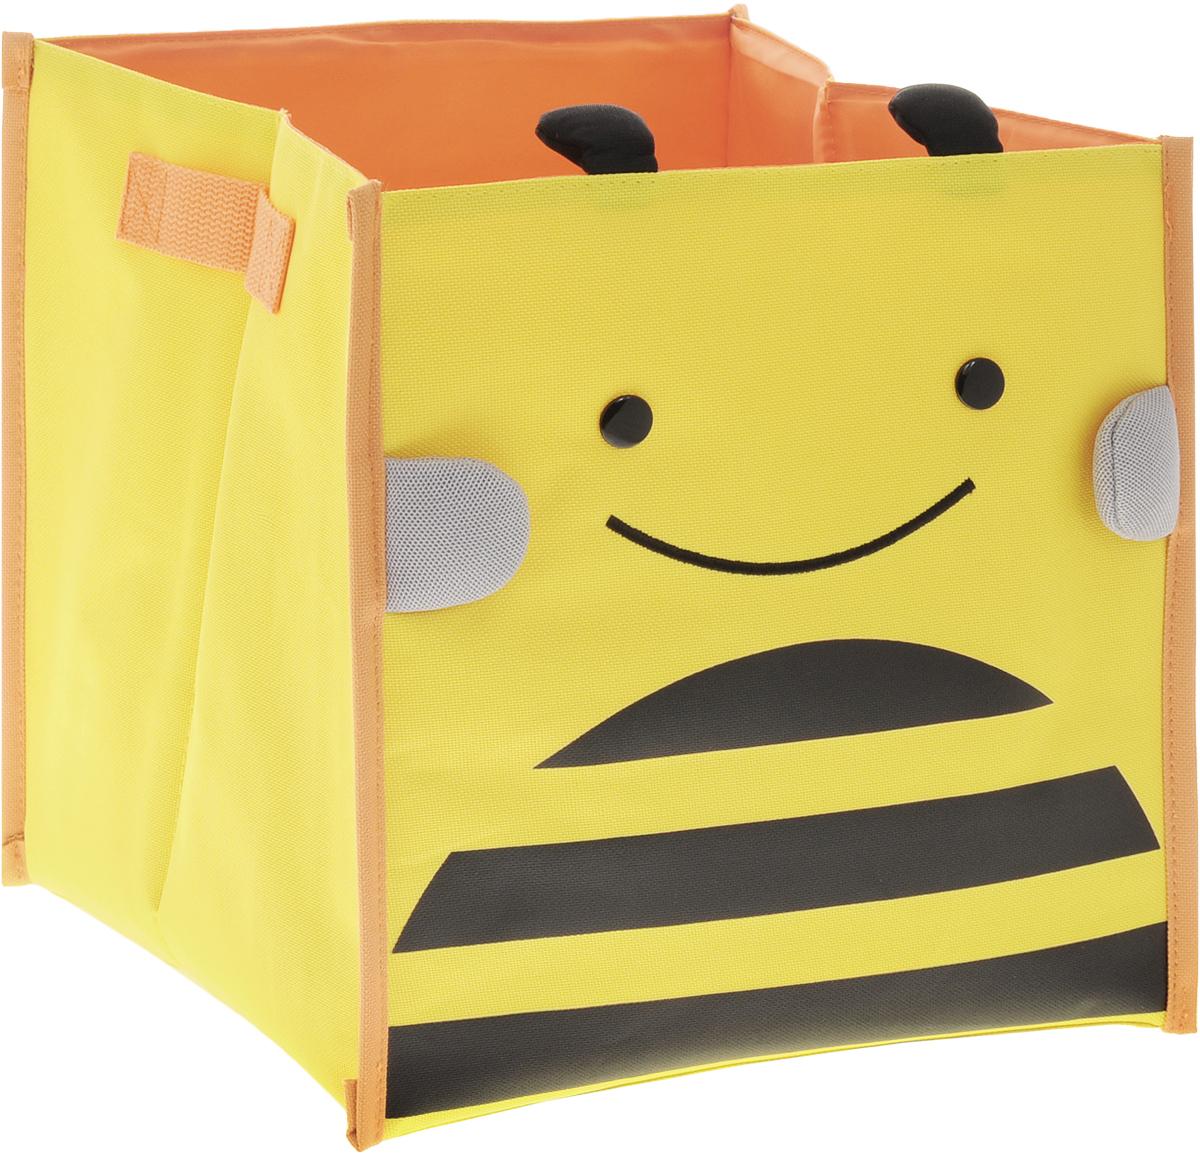 Bradex Короб для хранения ПчелкаS03301004Короб для хранения Bradex Пчелка привлечет вас своим ярким дизайном. Короб предназначен для хранения небольших детских вещей: игрушек, канцтоваров, одежды и обуви. По бокам изделие имеет небольшие текстильные ручки для удобной переноски.Короб освободит место в квартире и украсит любую детскую комнату.